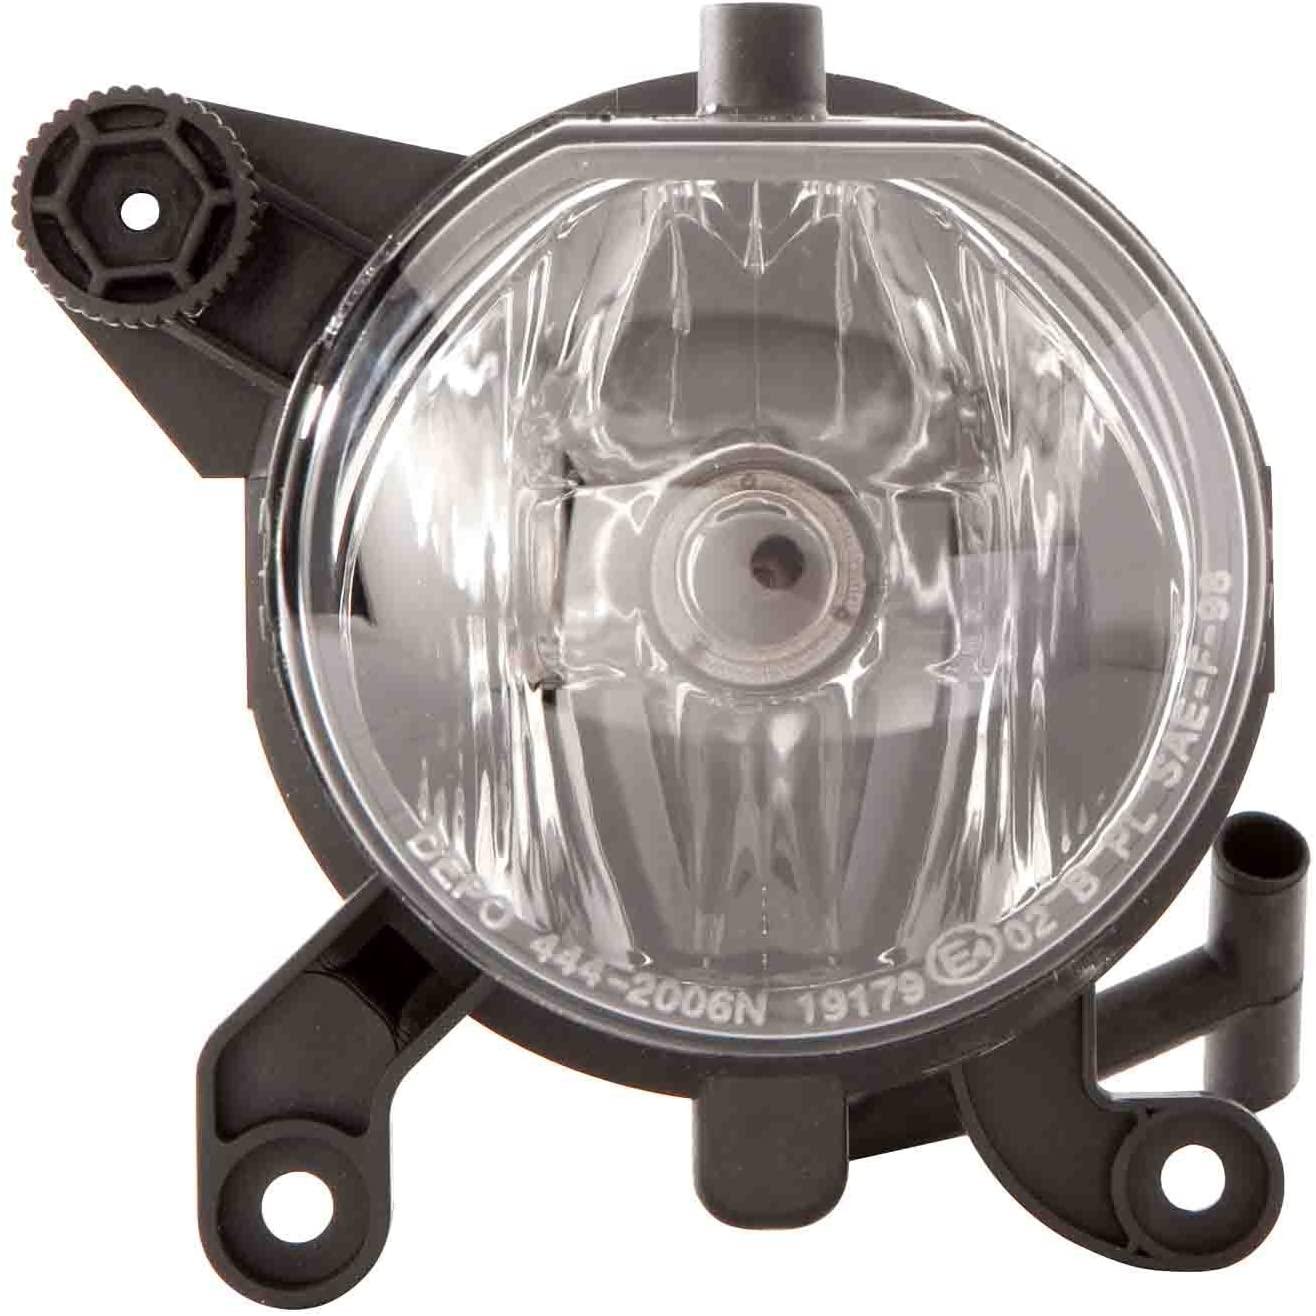 TarosTrade 36-0350-R-2930 Fog Light